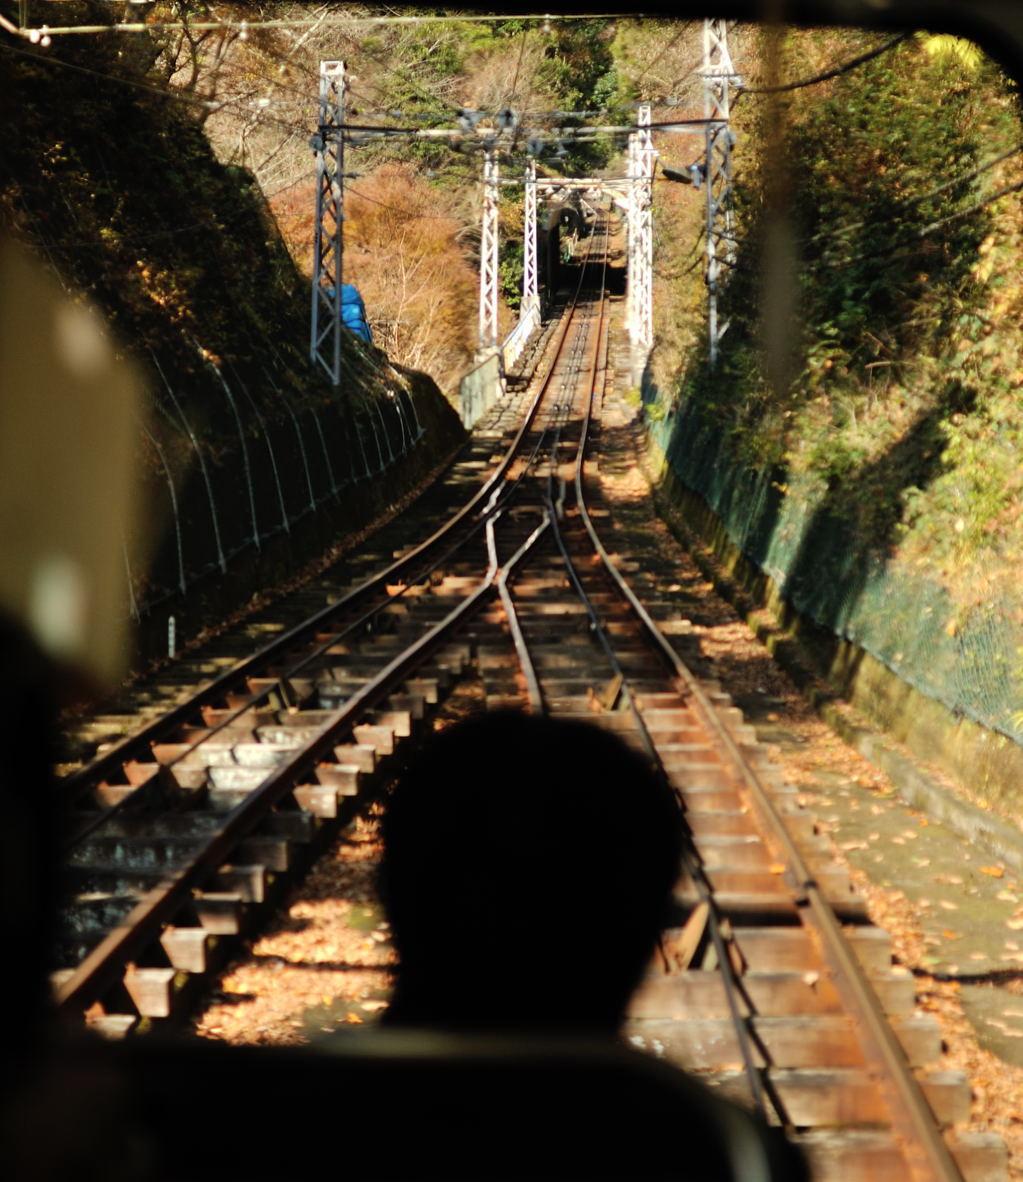 Ike_ooyama_002_3